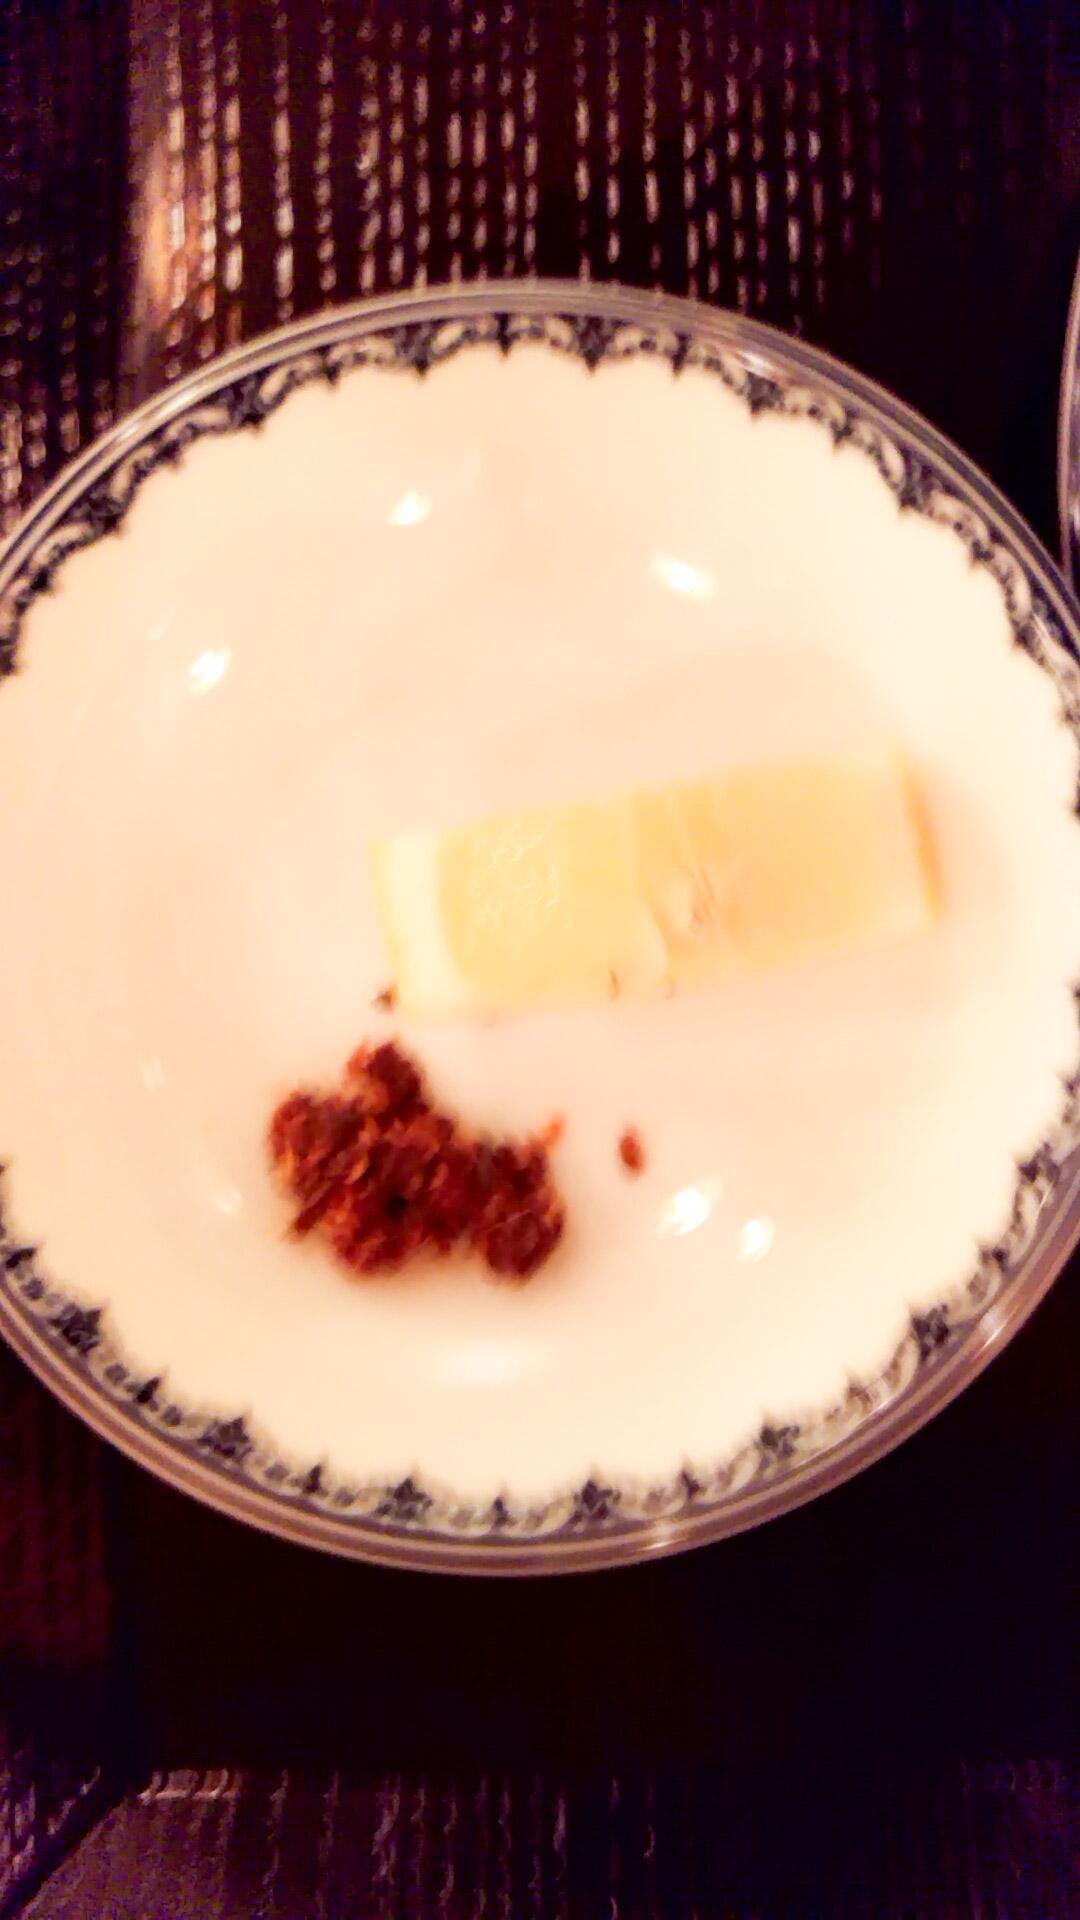 サテ(赤唐辛子とレモングラス)?とレモン